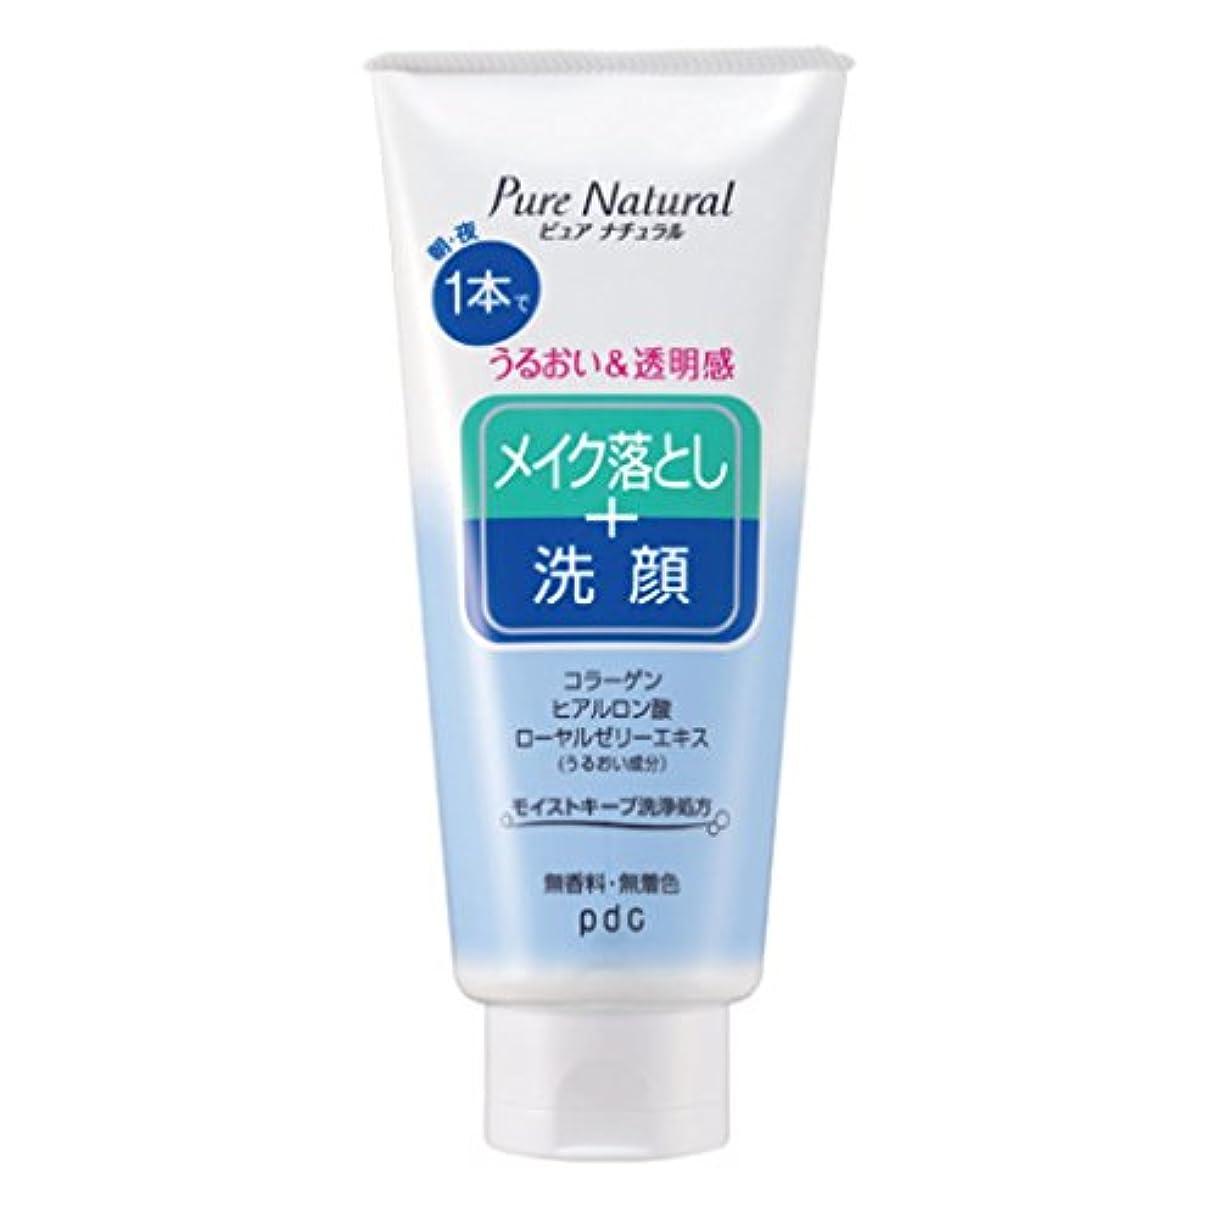 経度デコレーションハイランドPure NATURAL(ピュアナチュラル) クレンジング洗顔 170g